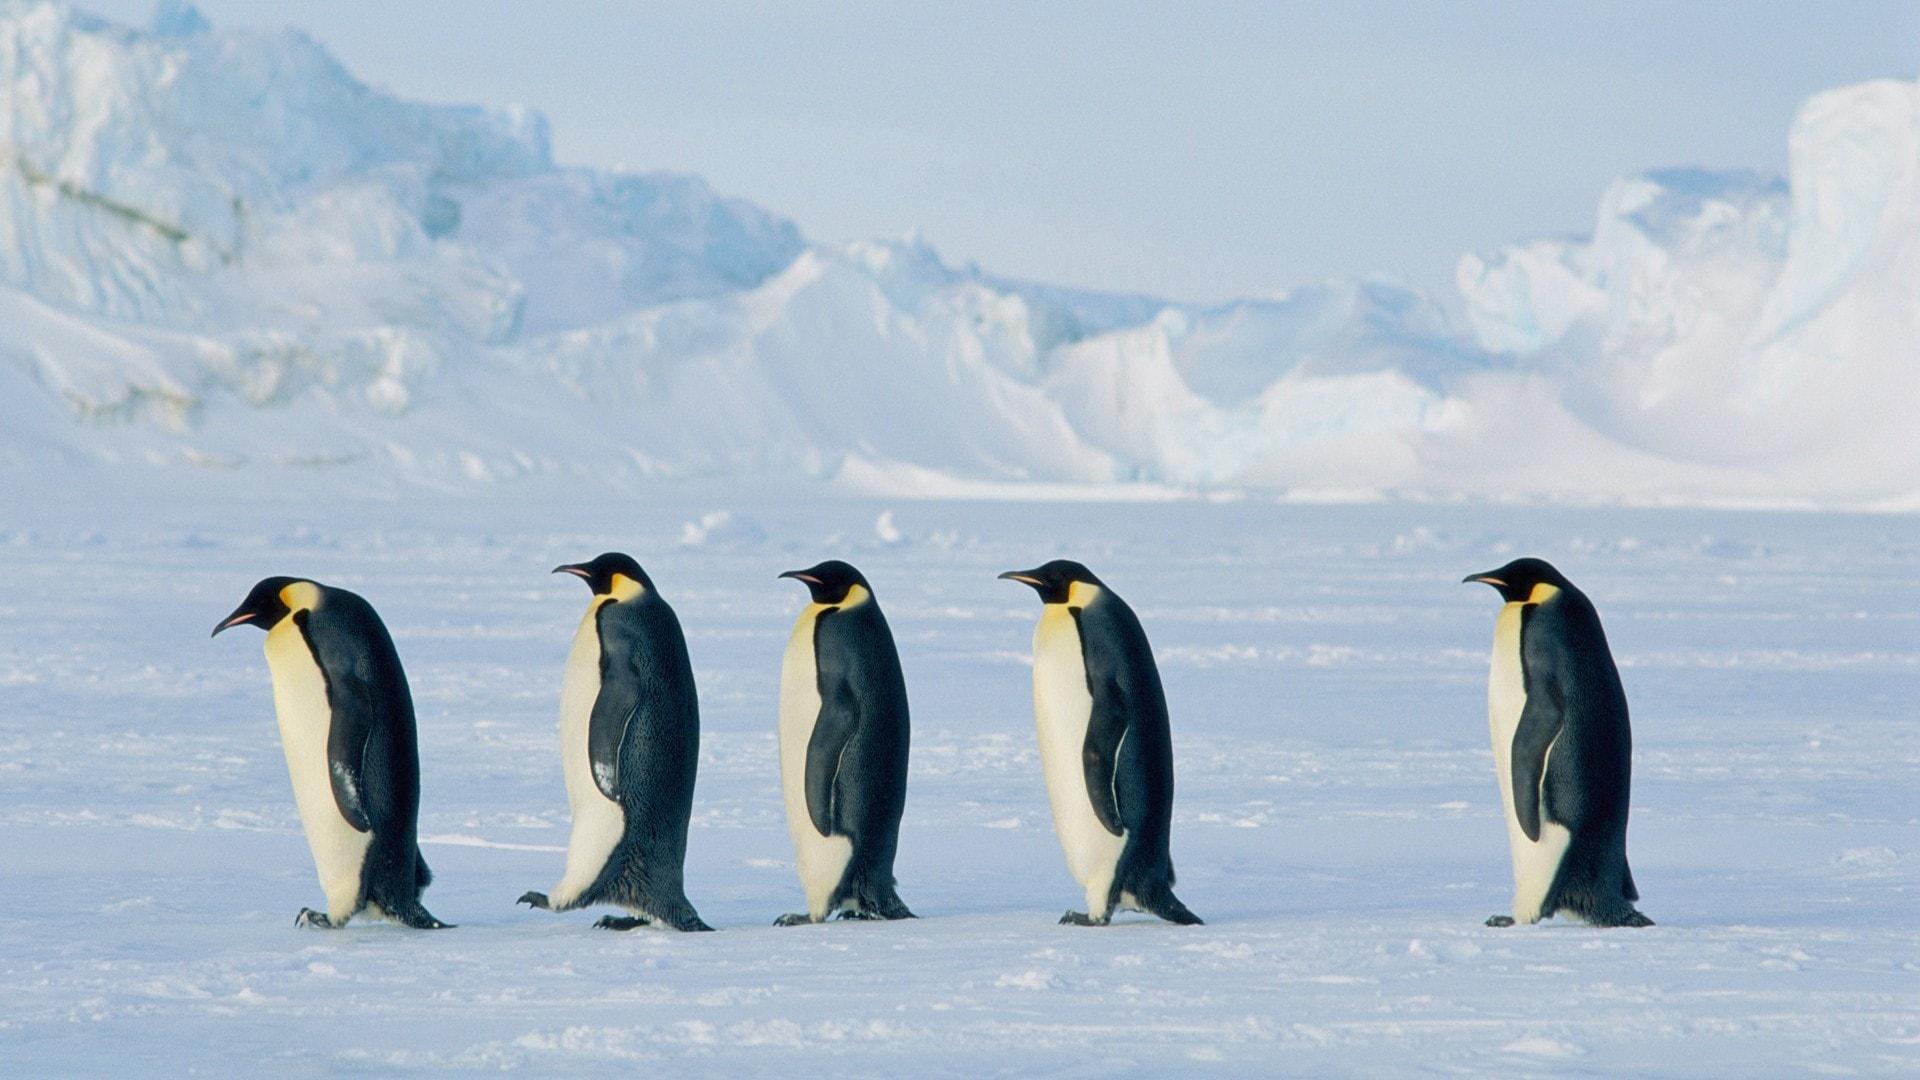 penguin hd wallpapers 7wallpapersnet